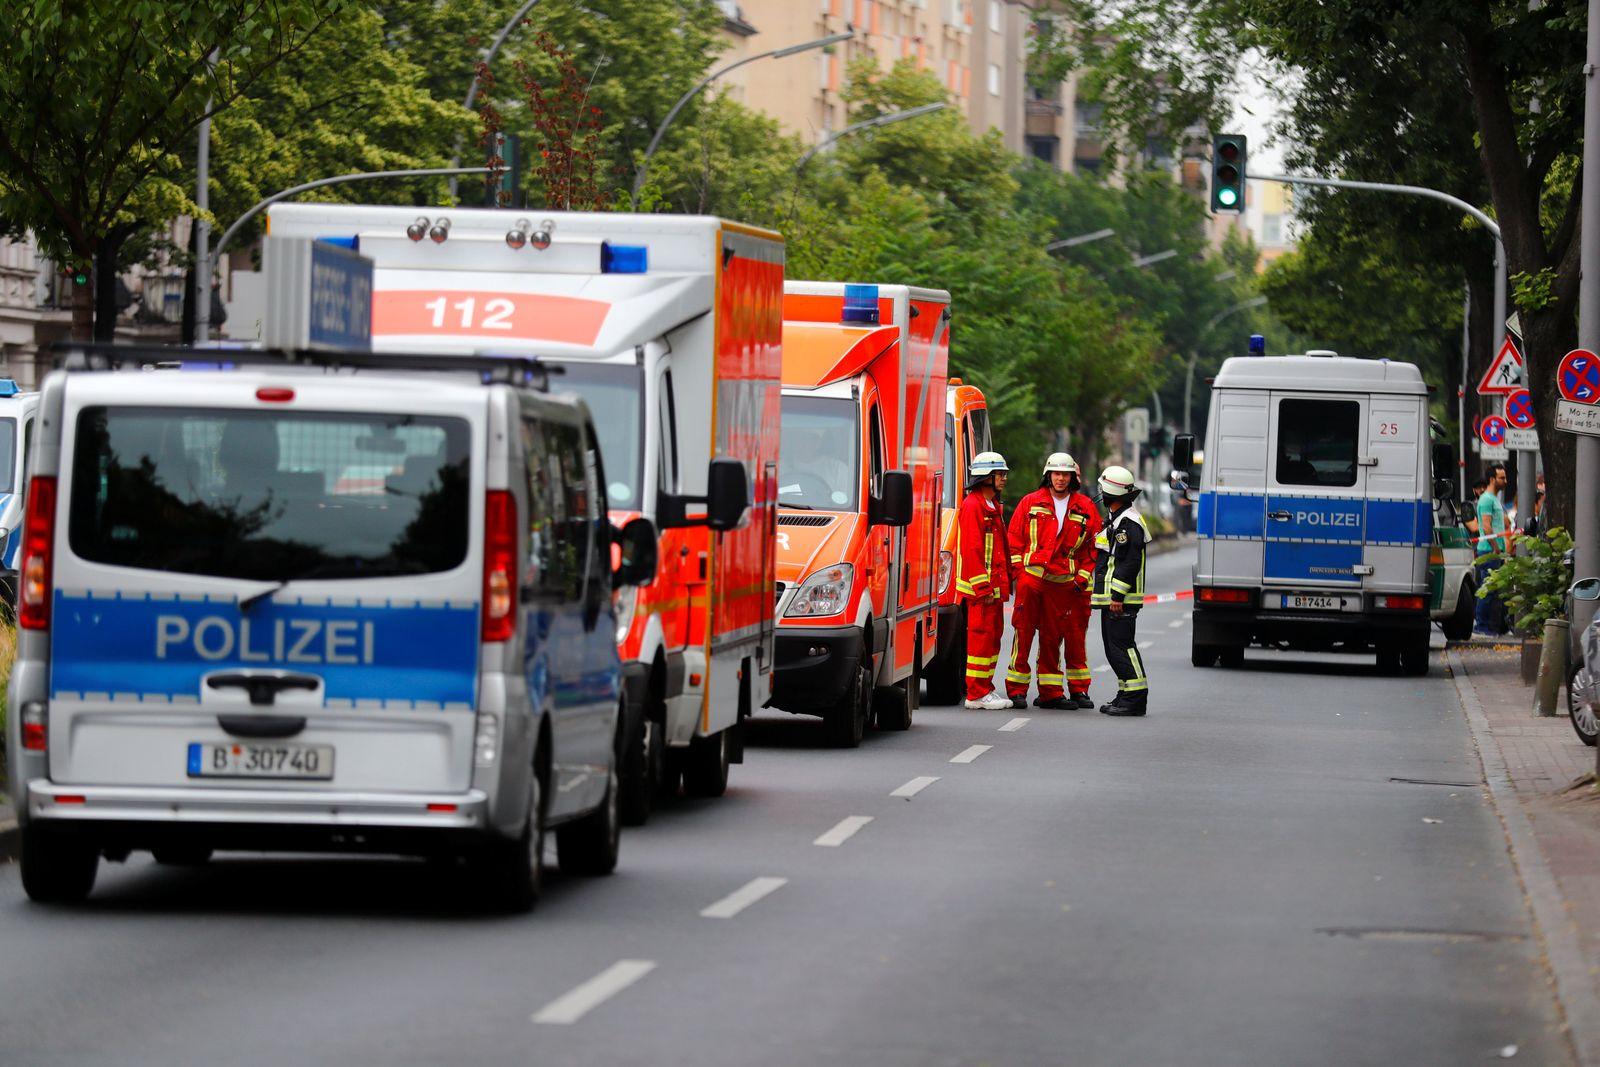 EINMALIGE VERWENDUNG Schule/ Berlin/ Polizeieinsatz/